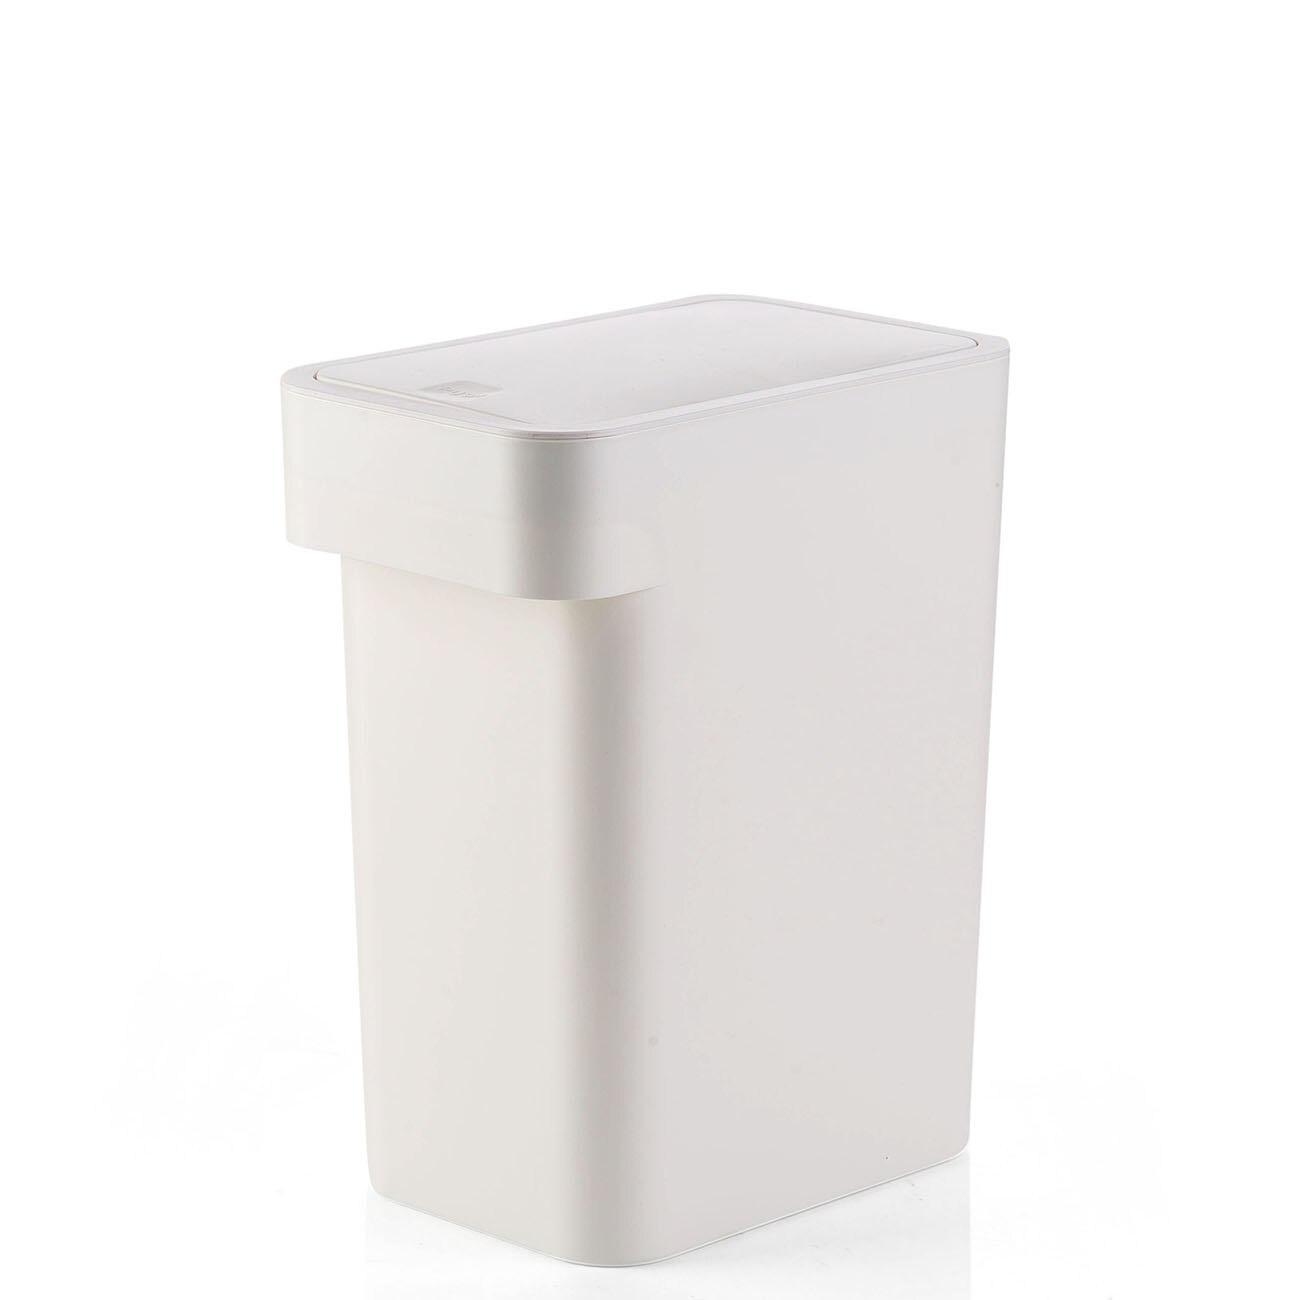 se Puede Abrir a pie TRASH CAN Bote de Basura con Tapa Color : Beige, Tama/ño : 8L